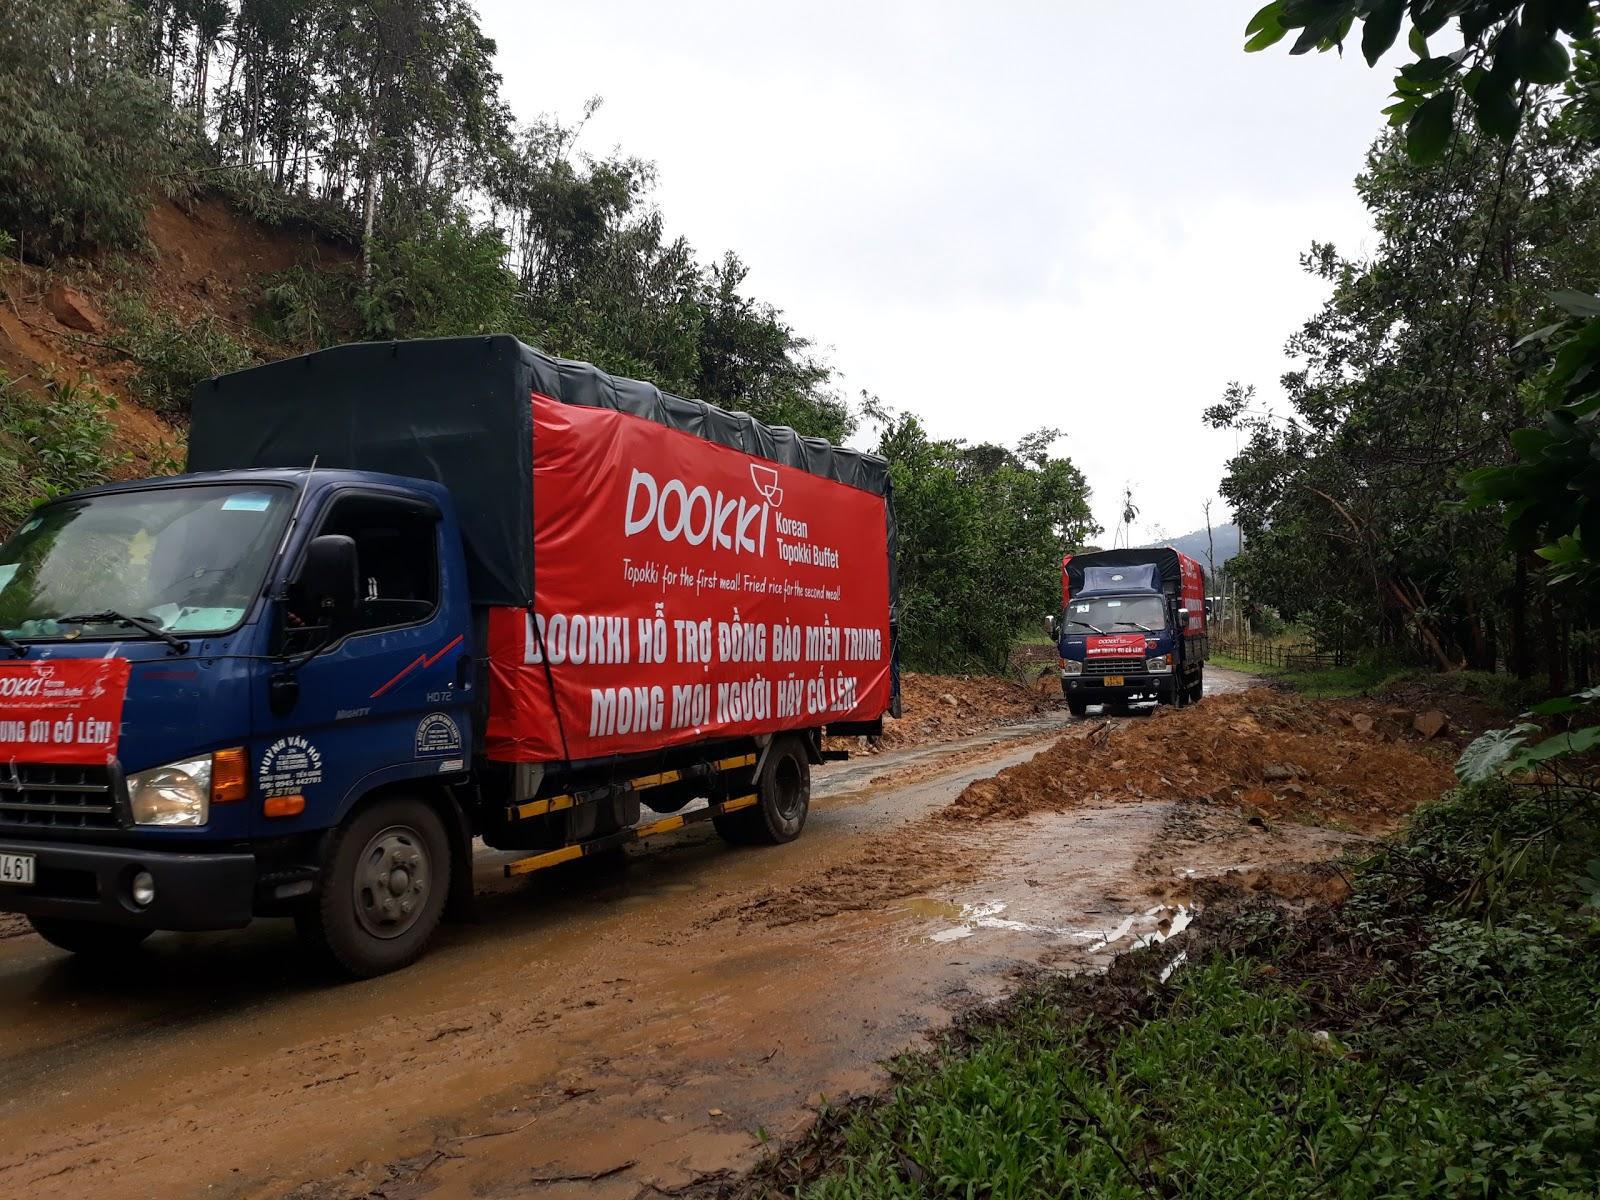 Đoàn xe của Dookki từ Sài Gòn về Quảng Ngãi ủng hộ người dân vùng lũ - Ảnh 2.